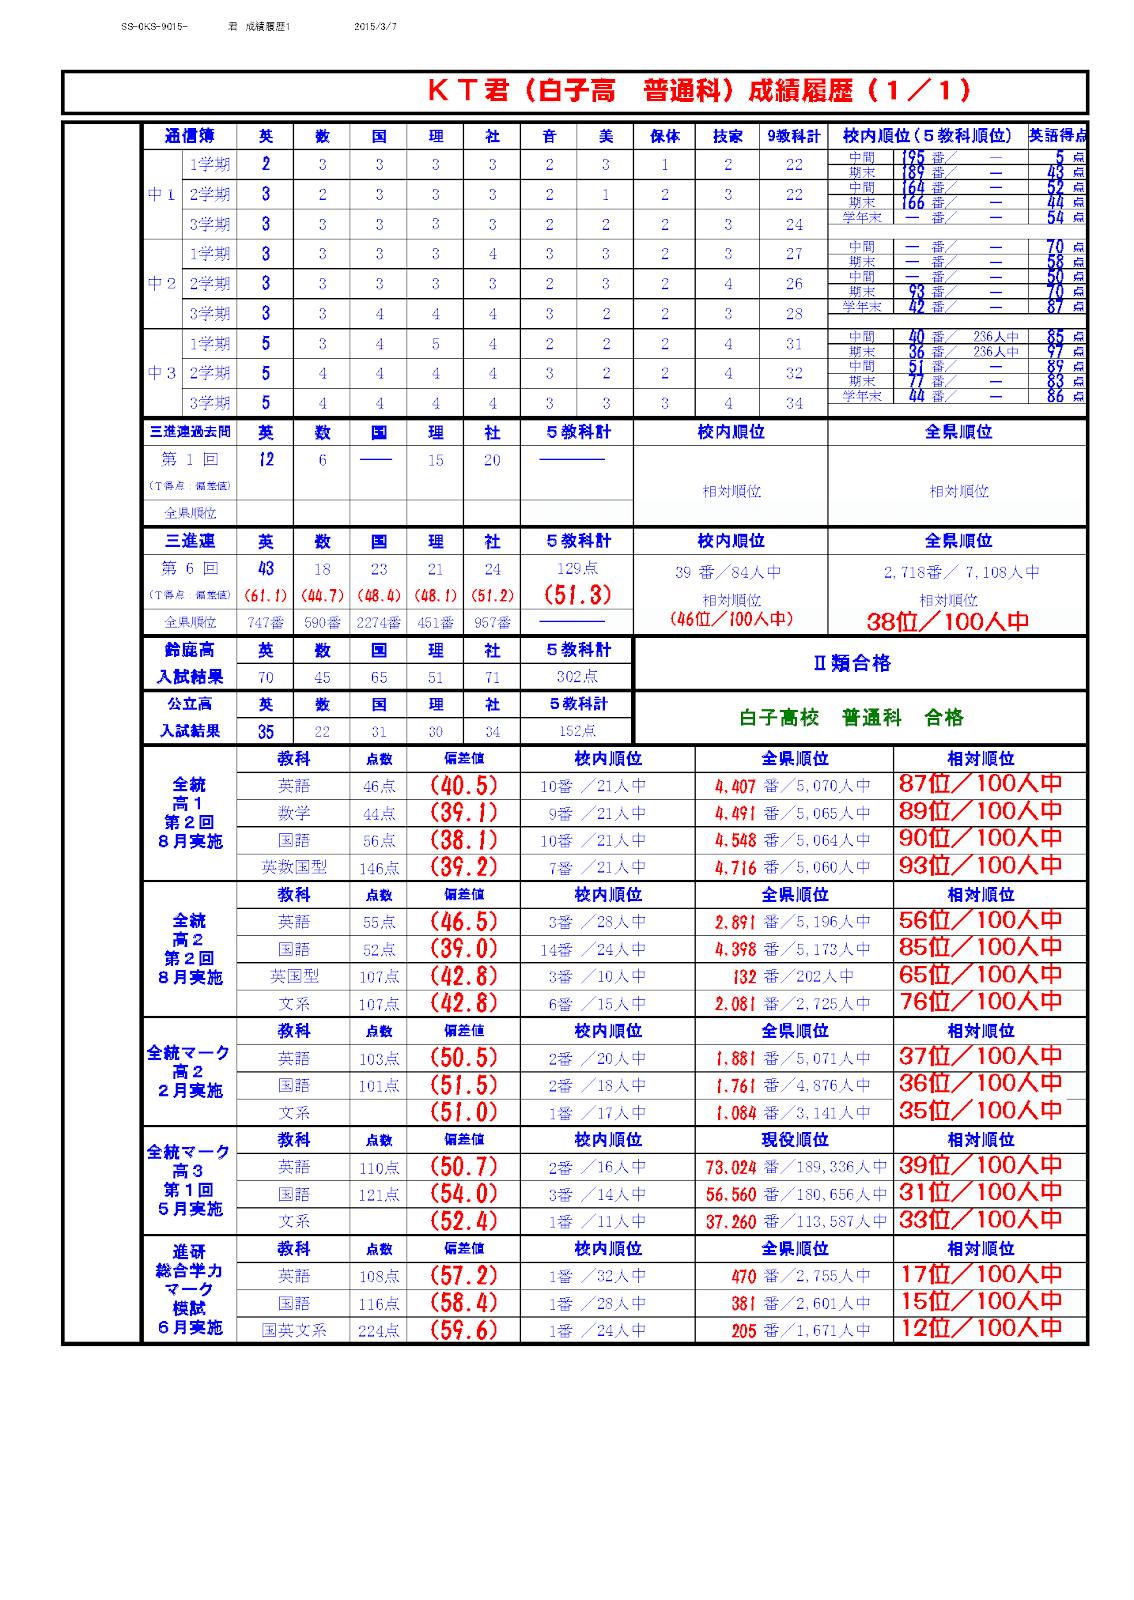 かとうたかまさ 2008年 6.成績UP 中1~高3まで.png